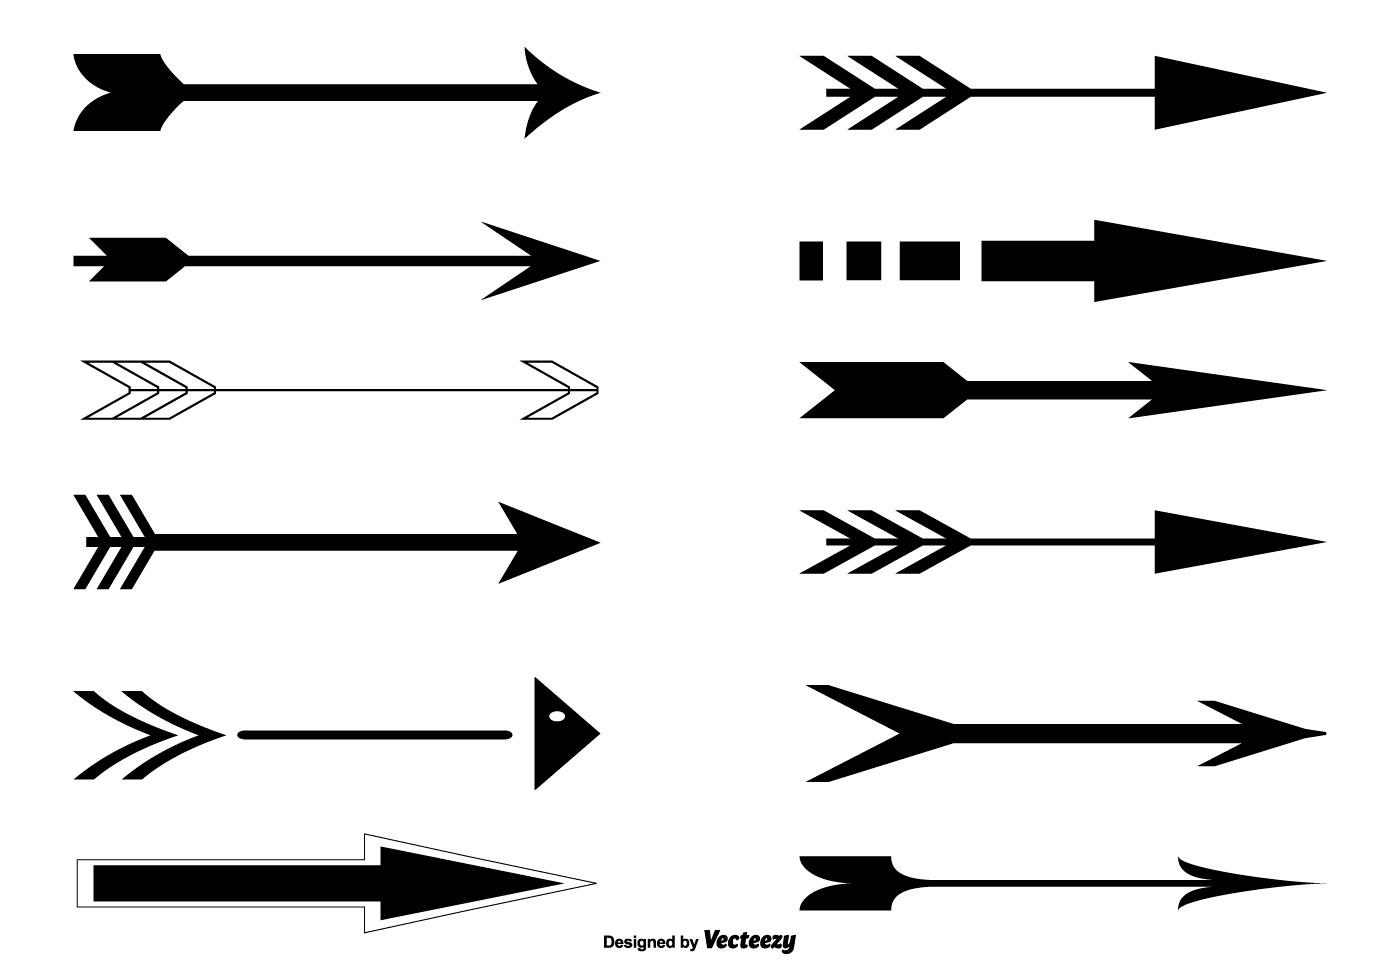 Vector Arrow Set - Download Free Vector Art, Stock